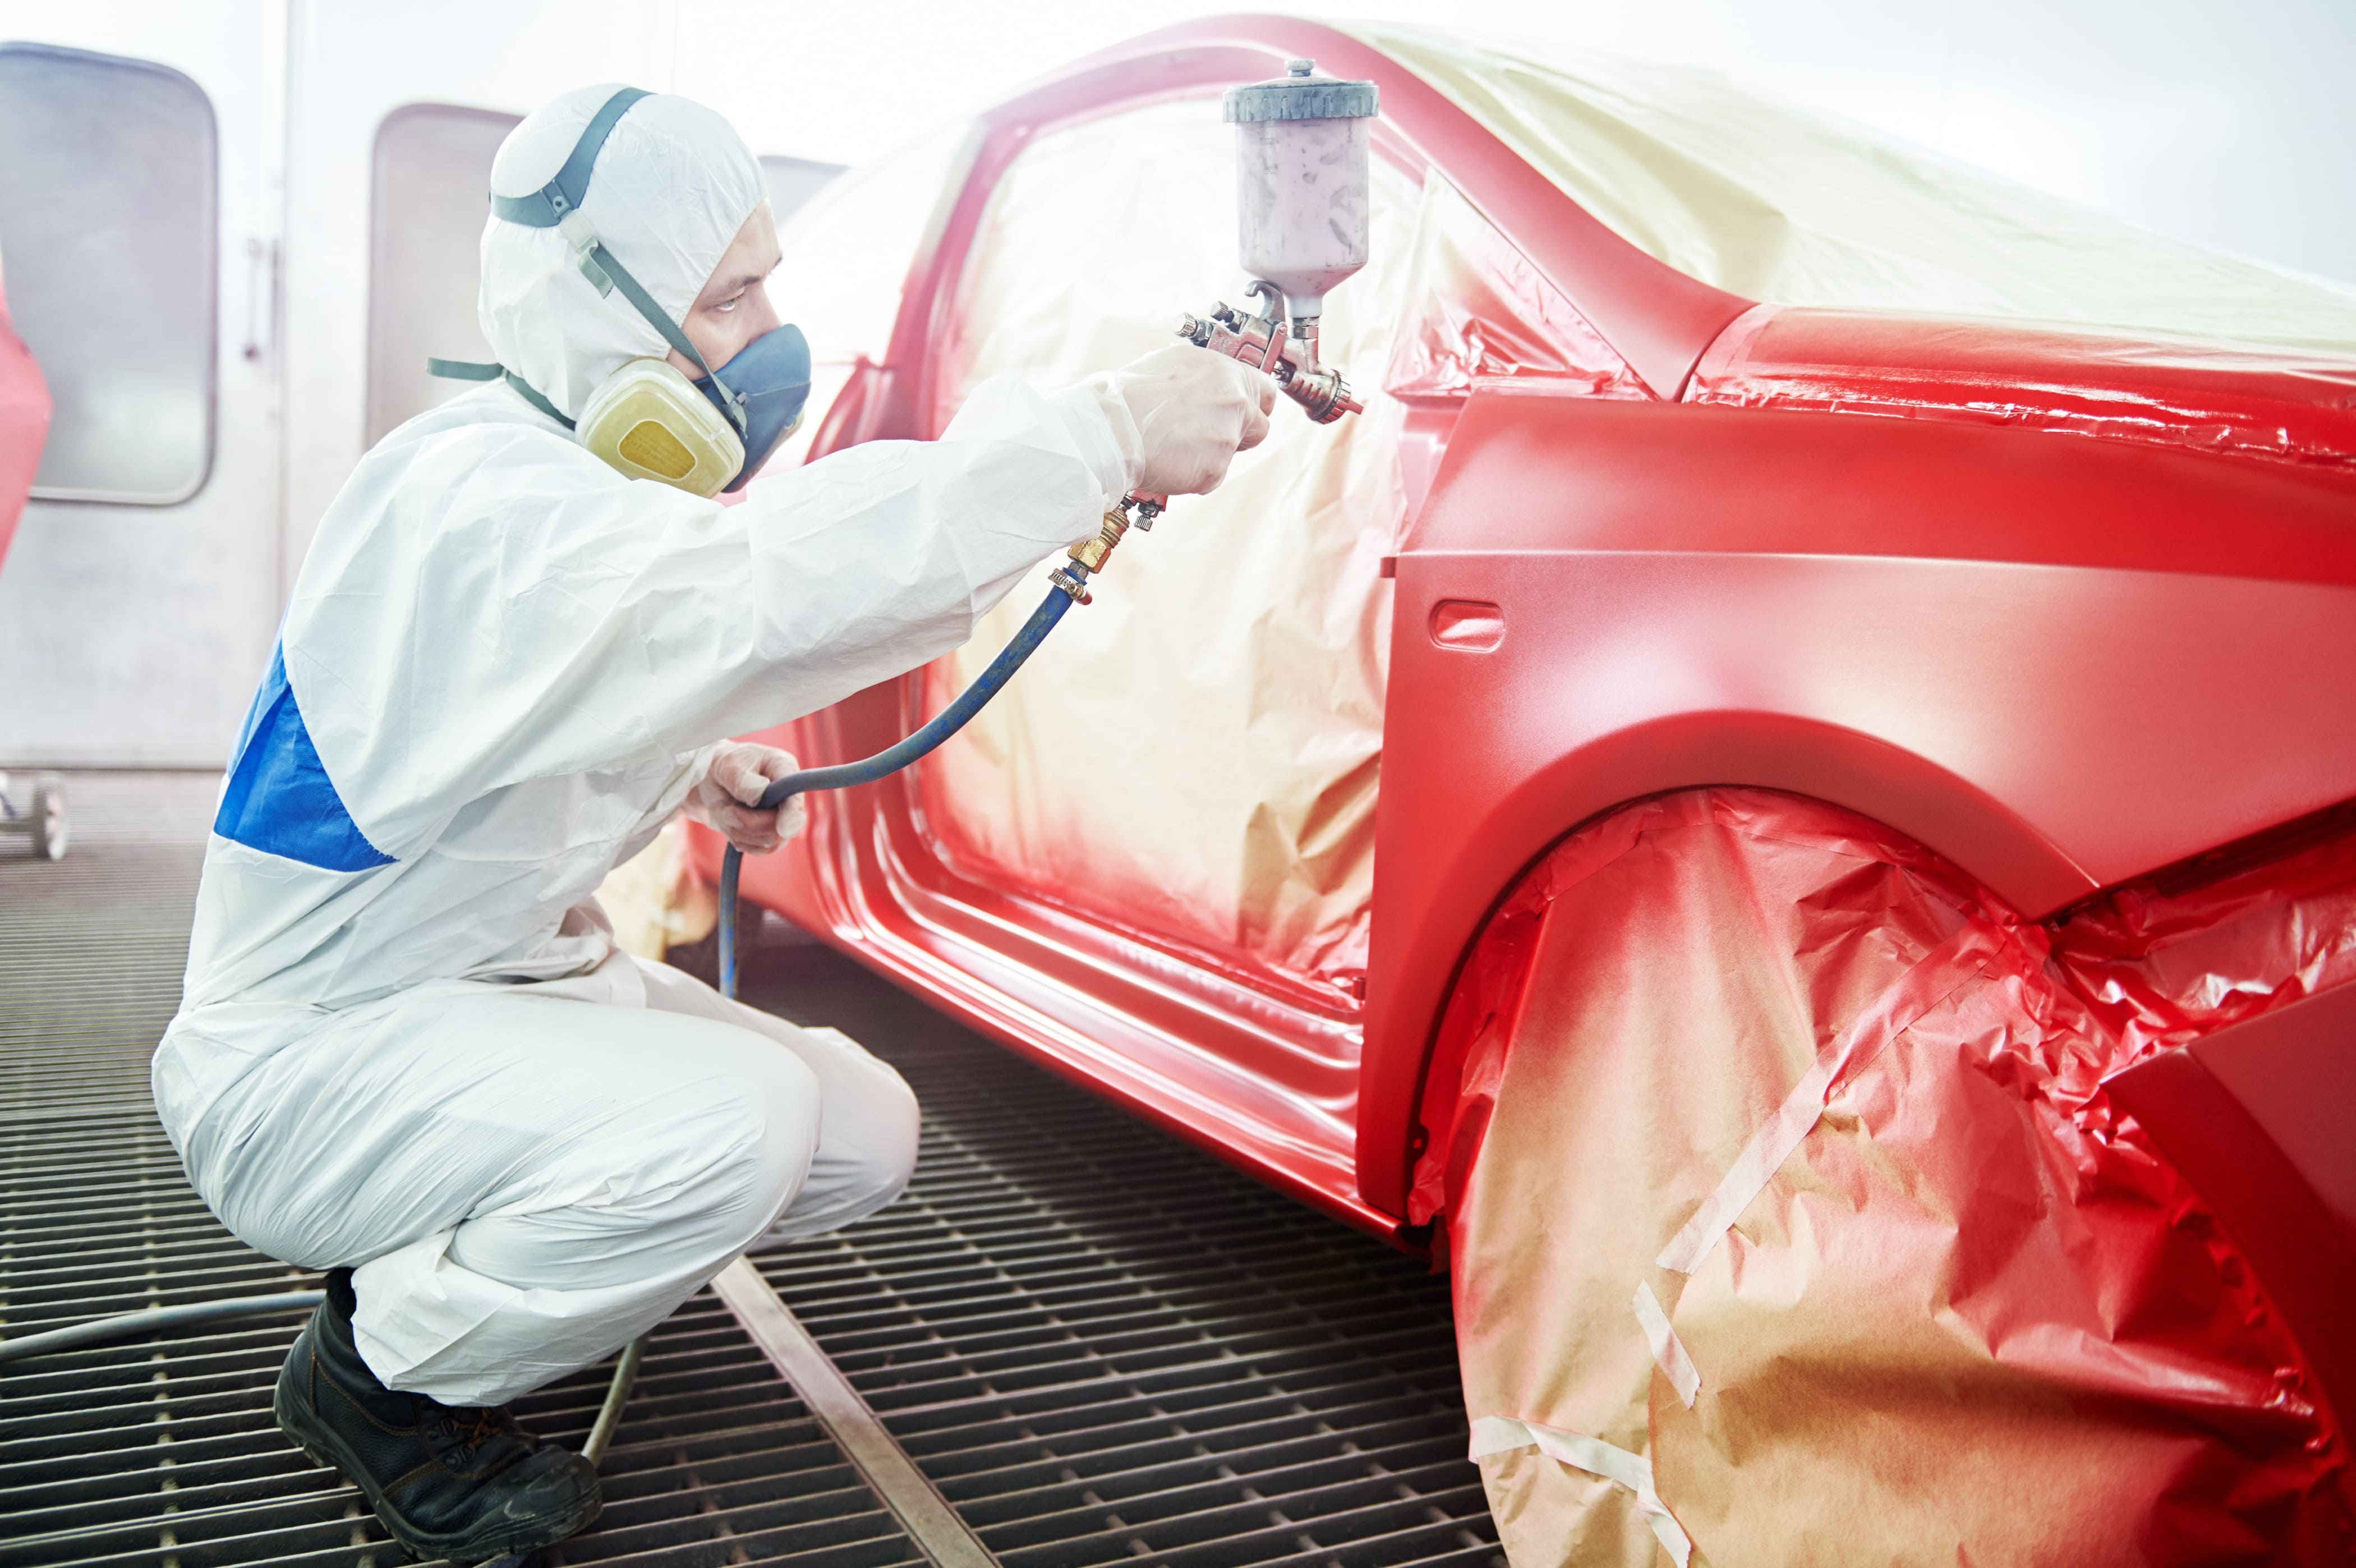 Imagem de um profissional pintando um carro para remeter ao empreendedor que deseja montar um serviço de funilaria e pintura